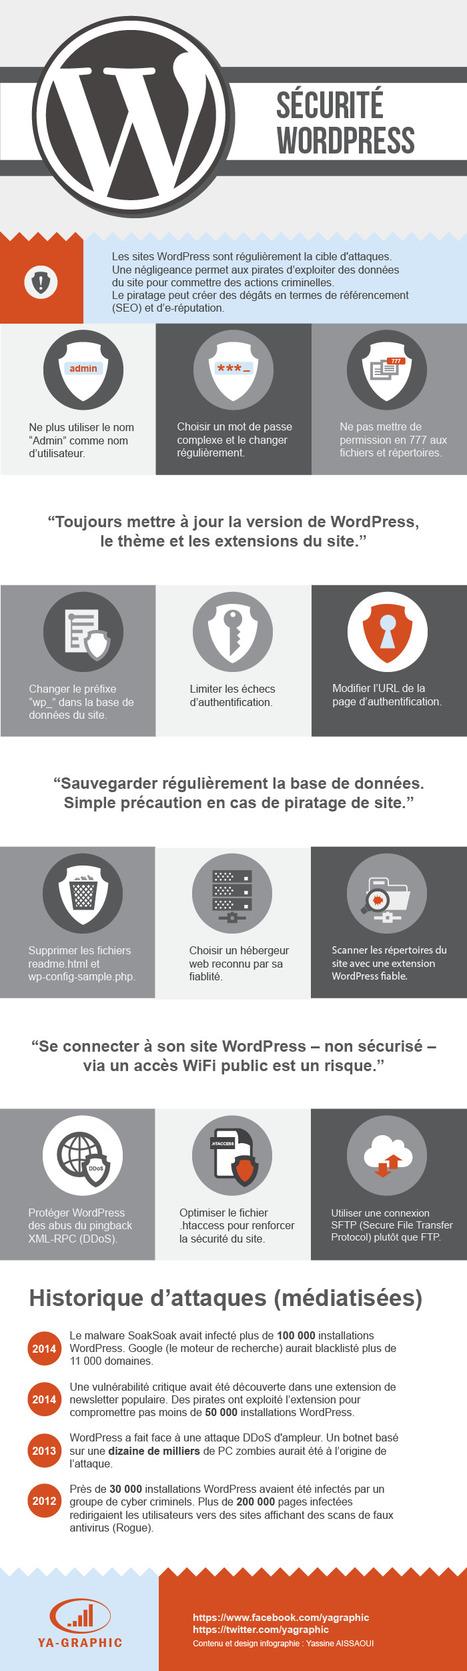 Sécurité WordPress : une check-list pour sécuriser son site | Time to Learn | Scoop.it